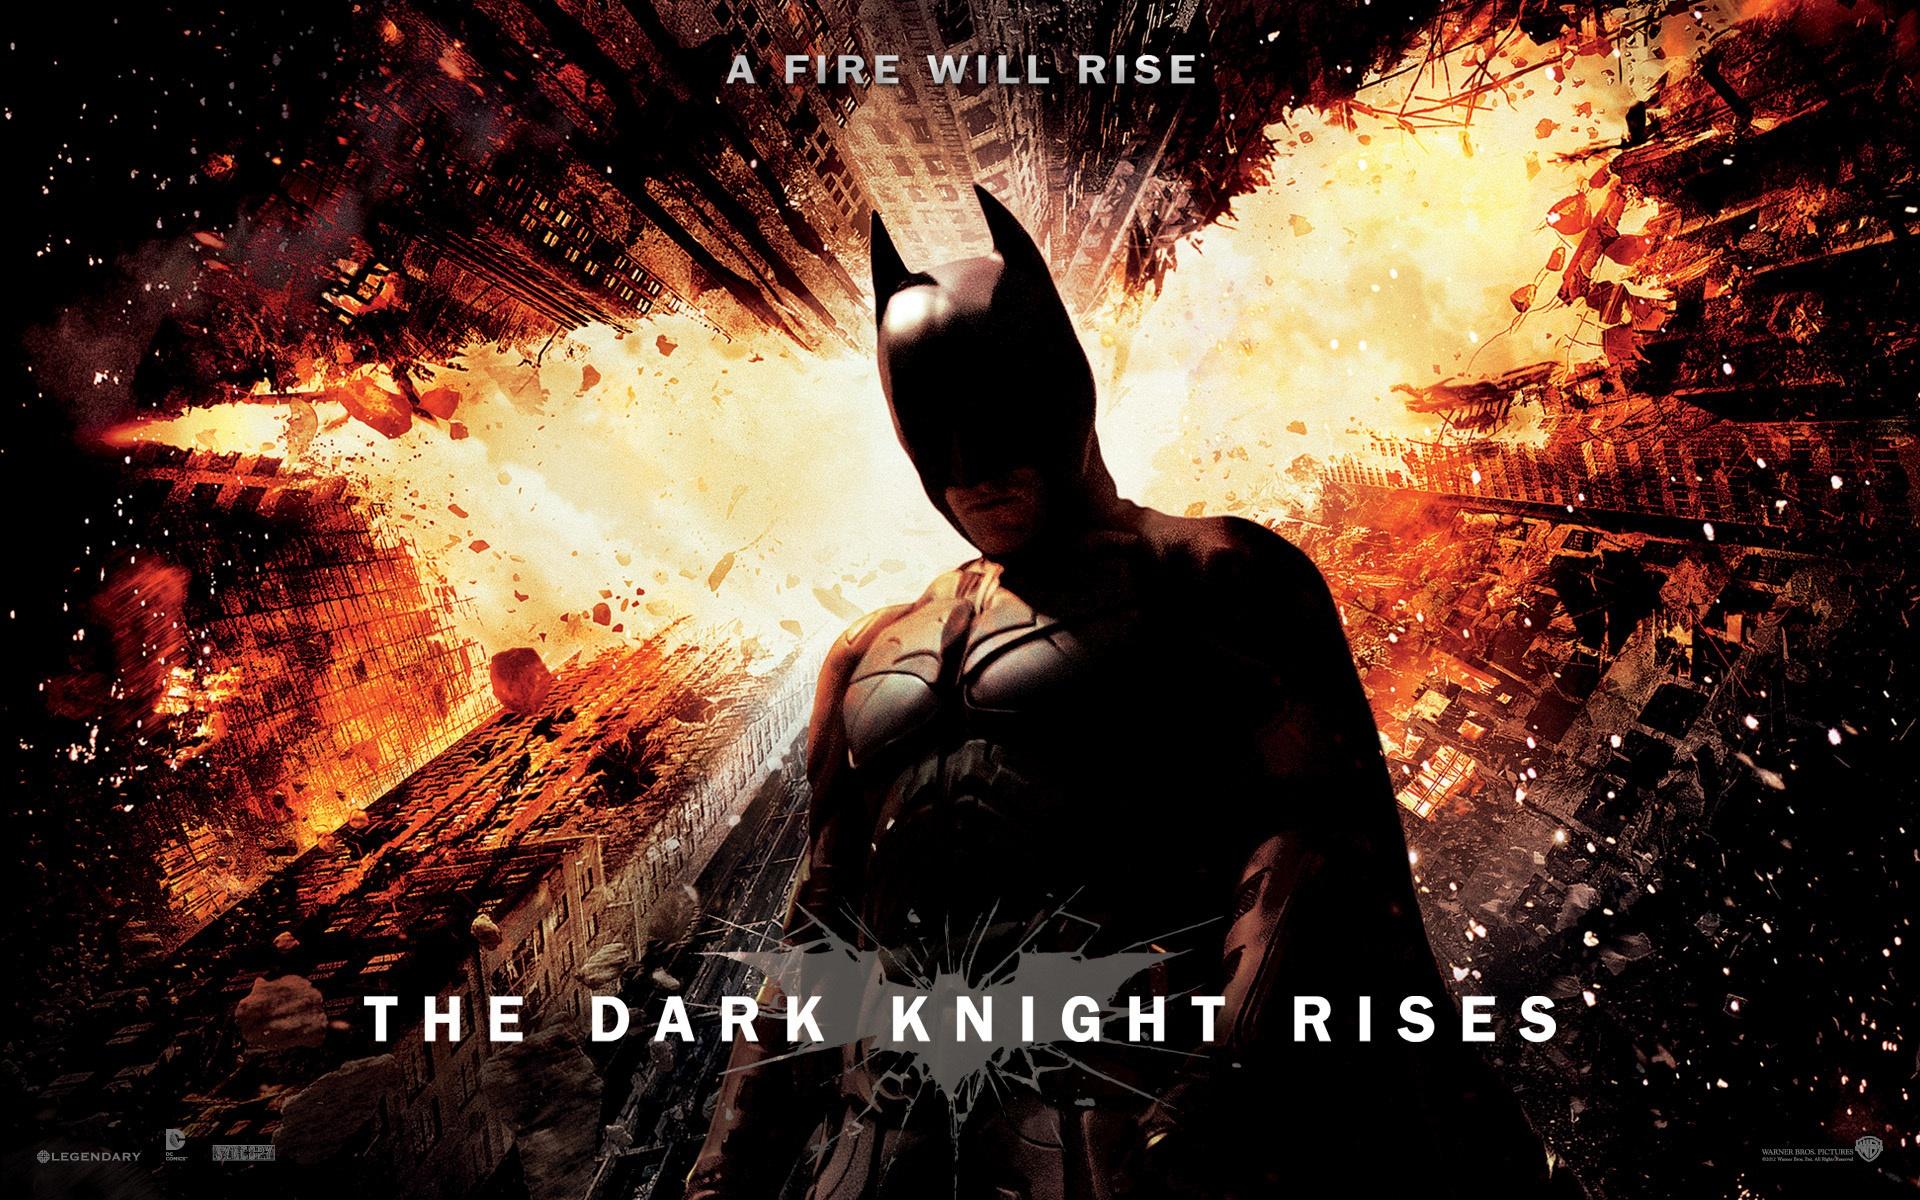 Fondos De Pantalla The Dark Knight Rises 2012 Hd 1920x1200